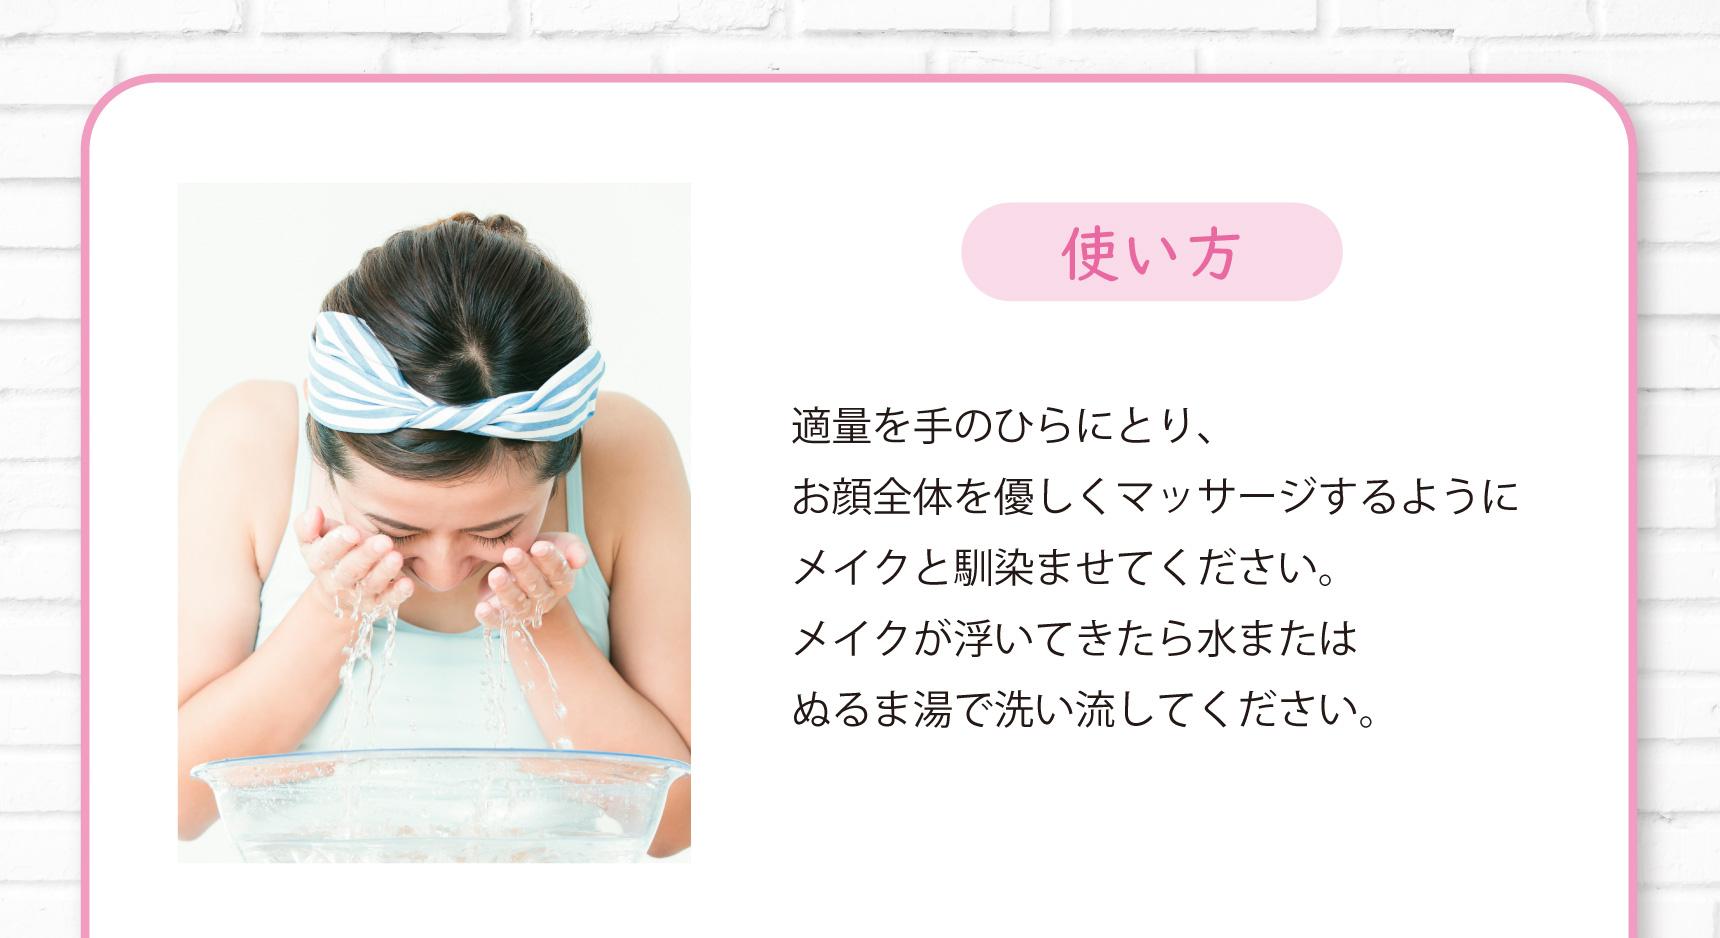 使い方 適量を手のひらにとり、お顔全体を優しくマッサージするようにメイクと馴染ませてください。メイクが浮いてきたら水またはぬるま湯で洗い流してください。